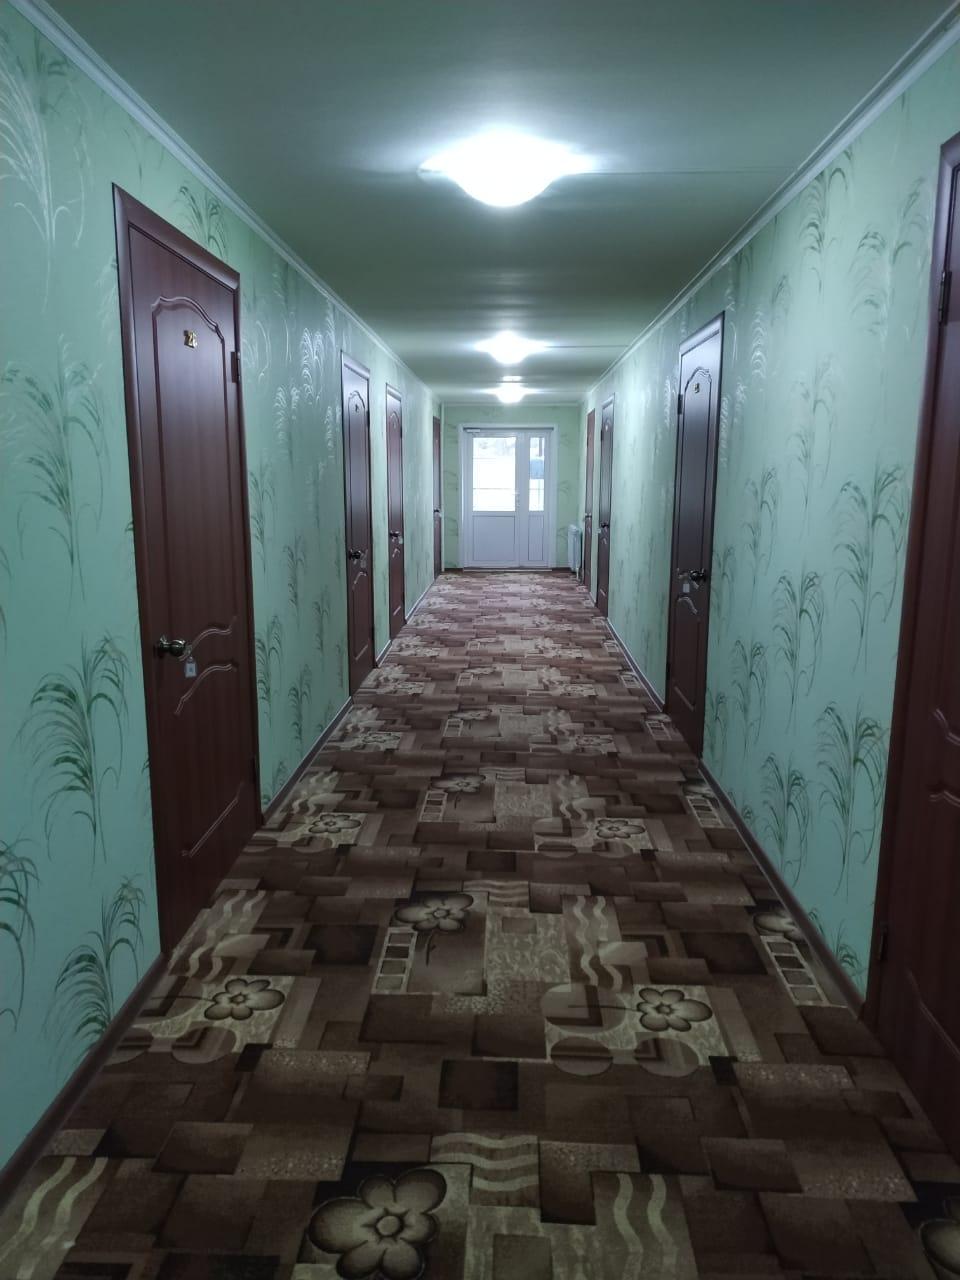 Продается гостиница 412 вк.м